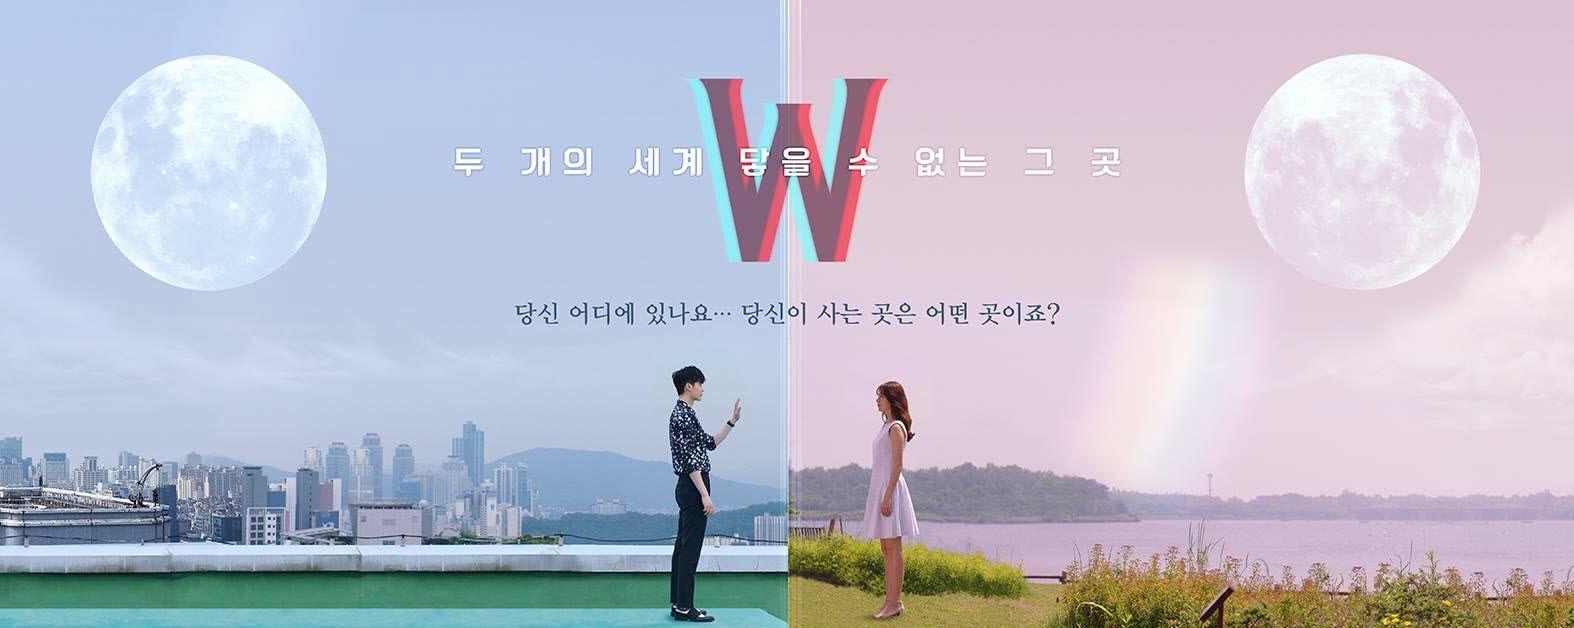 W - Two Worlds Apart : série fantastique sud-coréenne.